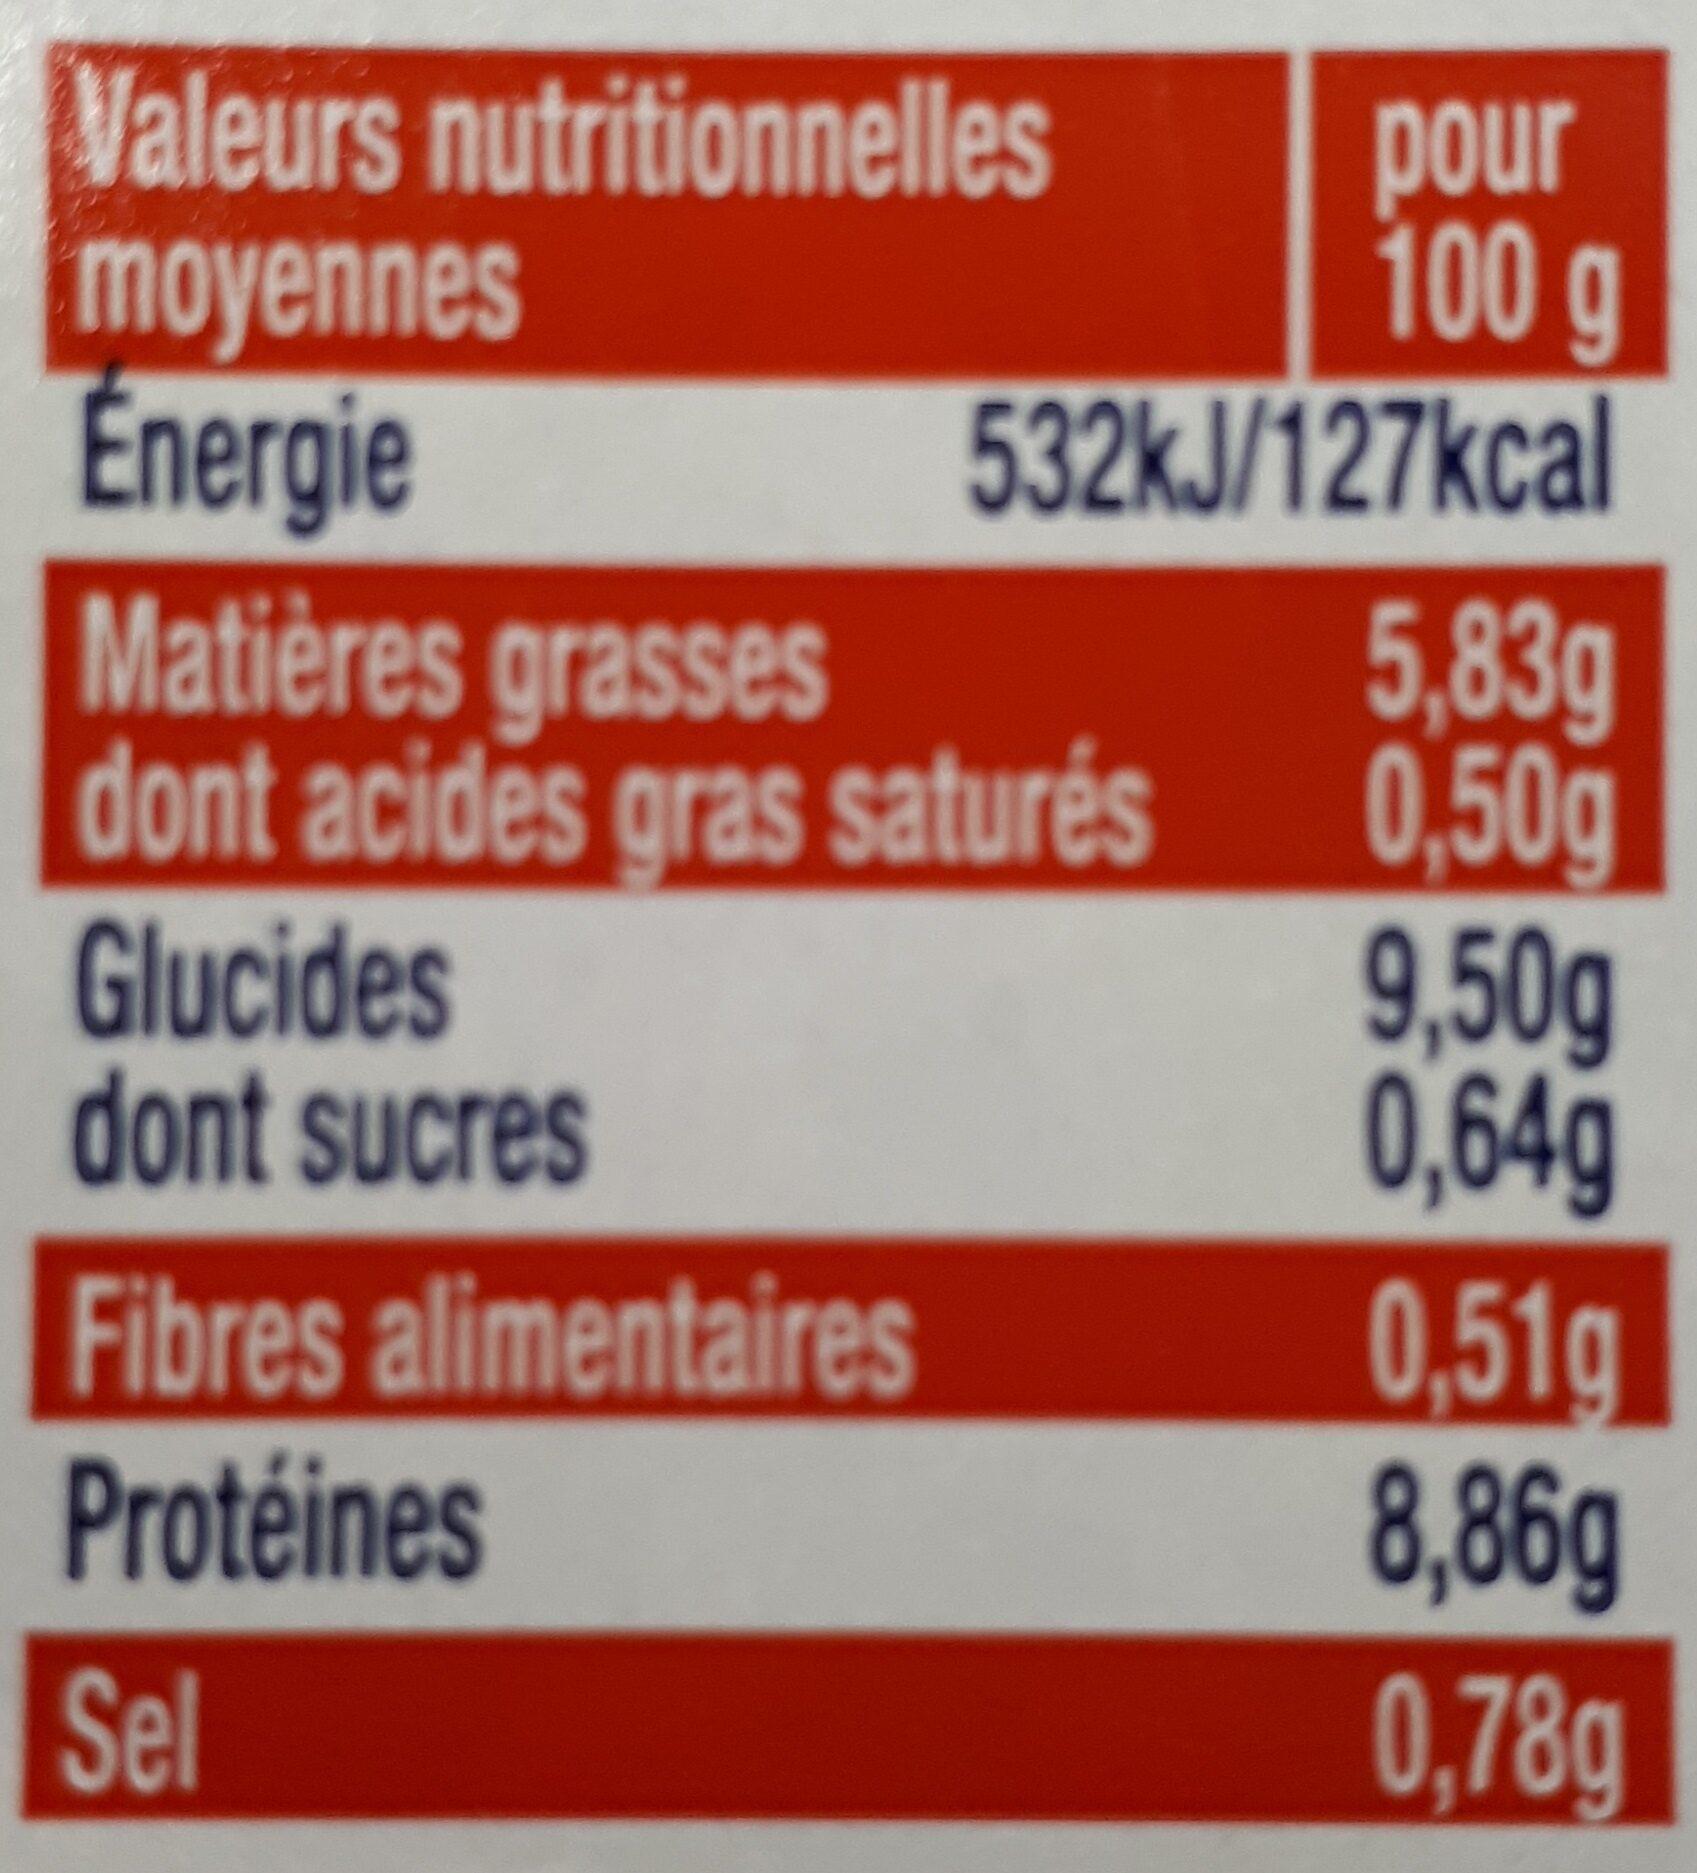 Croquettes de morue - Informations nutritionnelles - fr